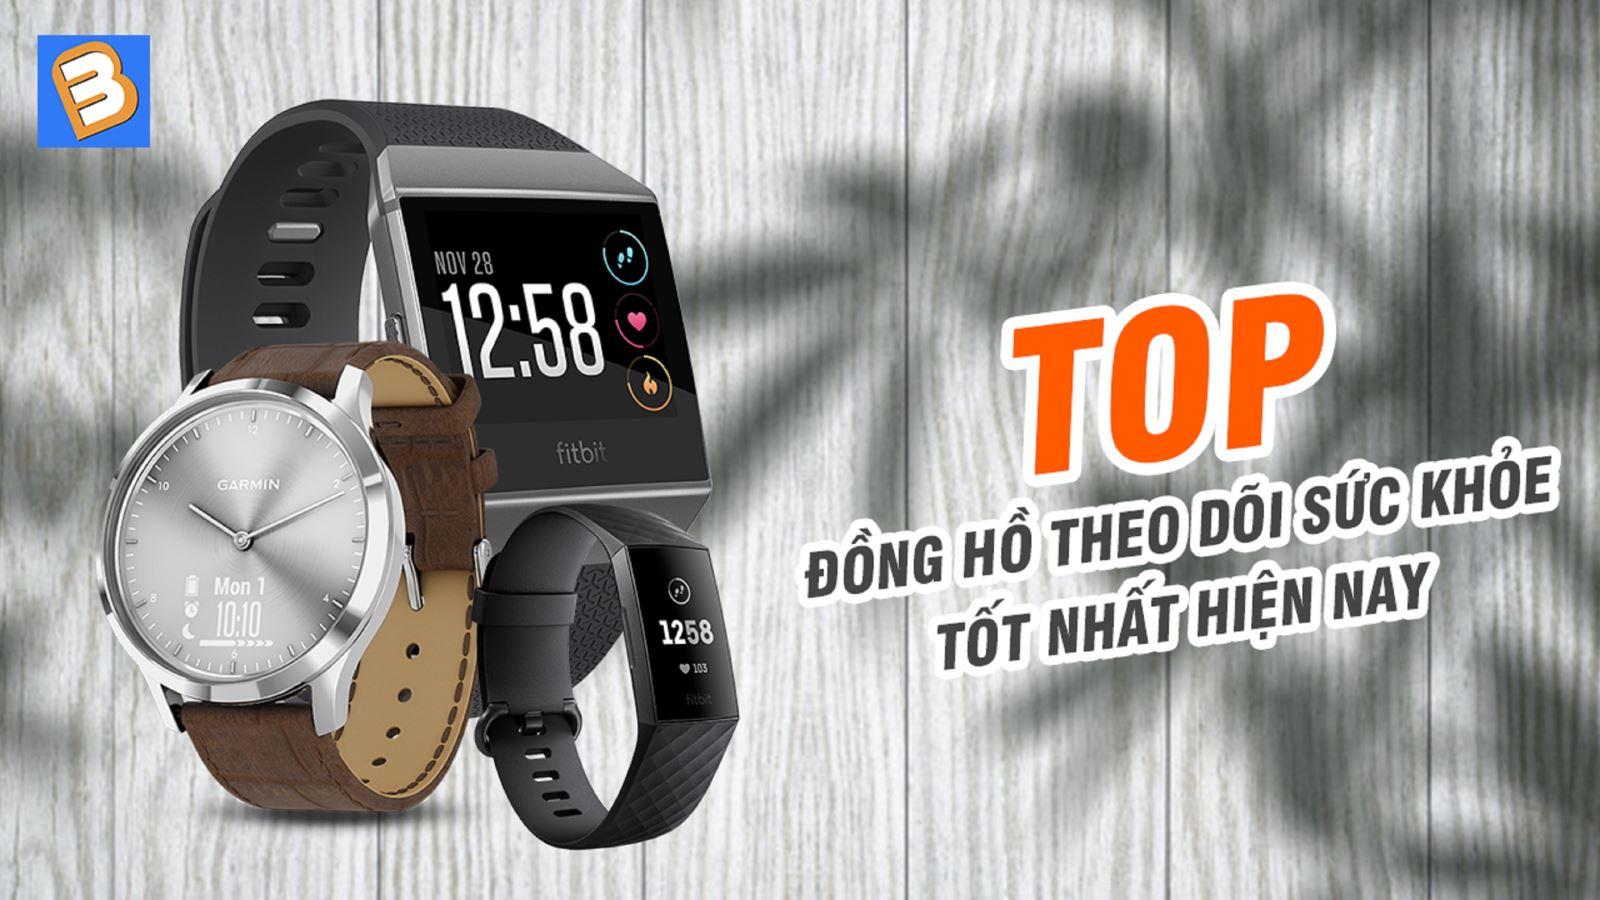 Top đồng hồ theo dõi sức khỏe tốt nhất hiện nay